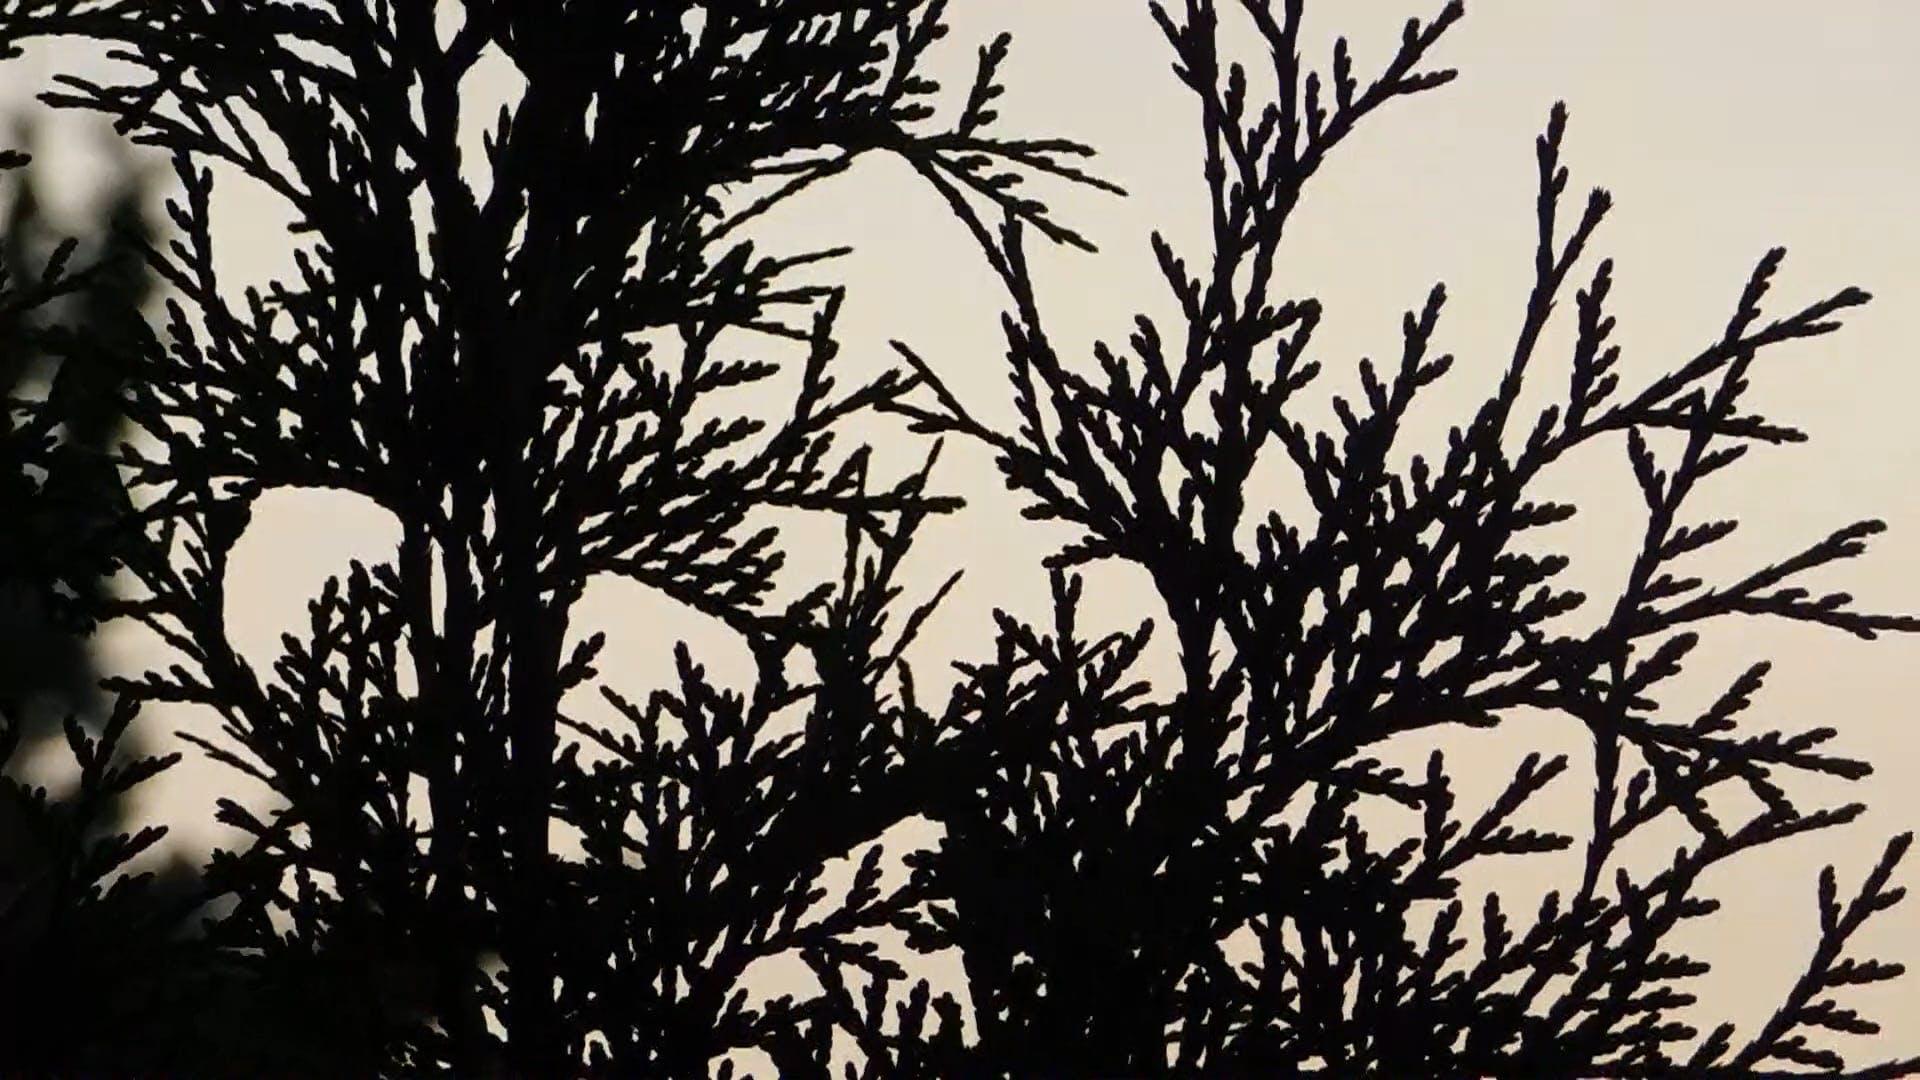 The Sky Through A Bush Awaiting Sunrise